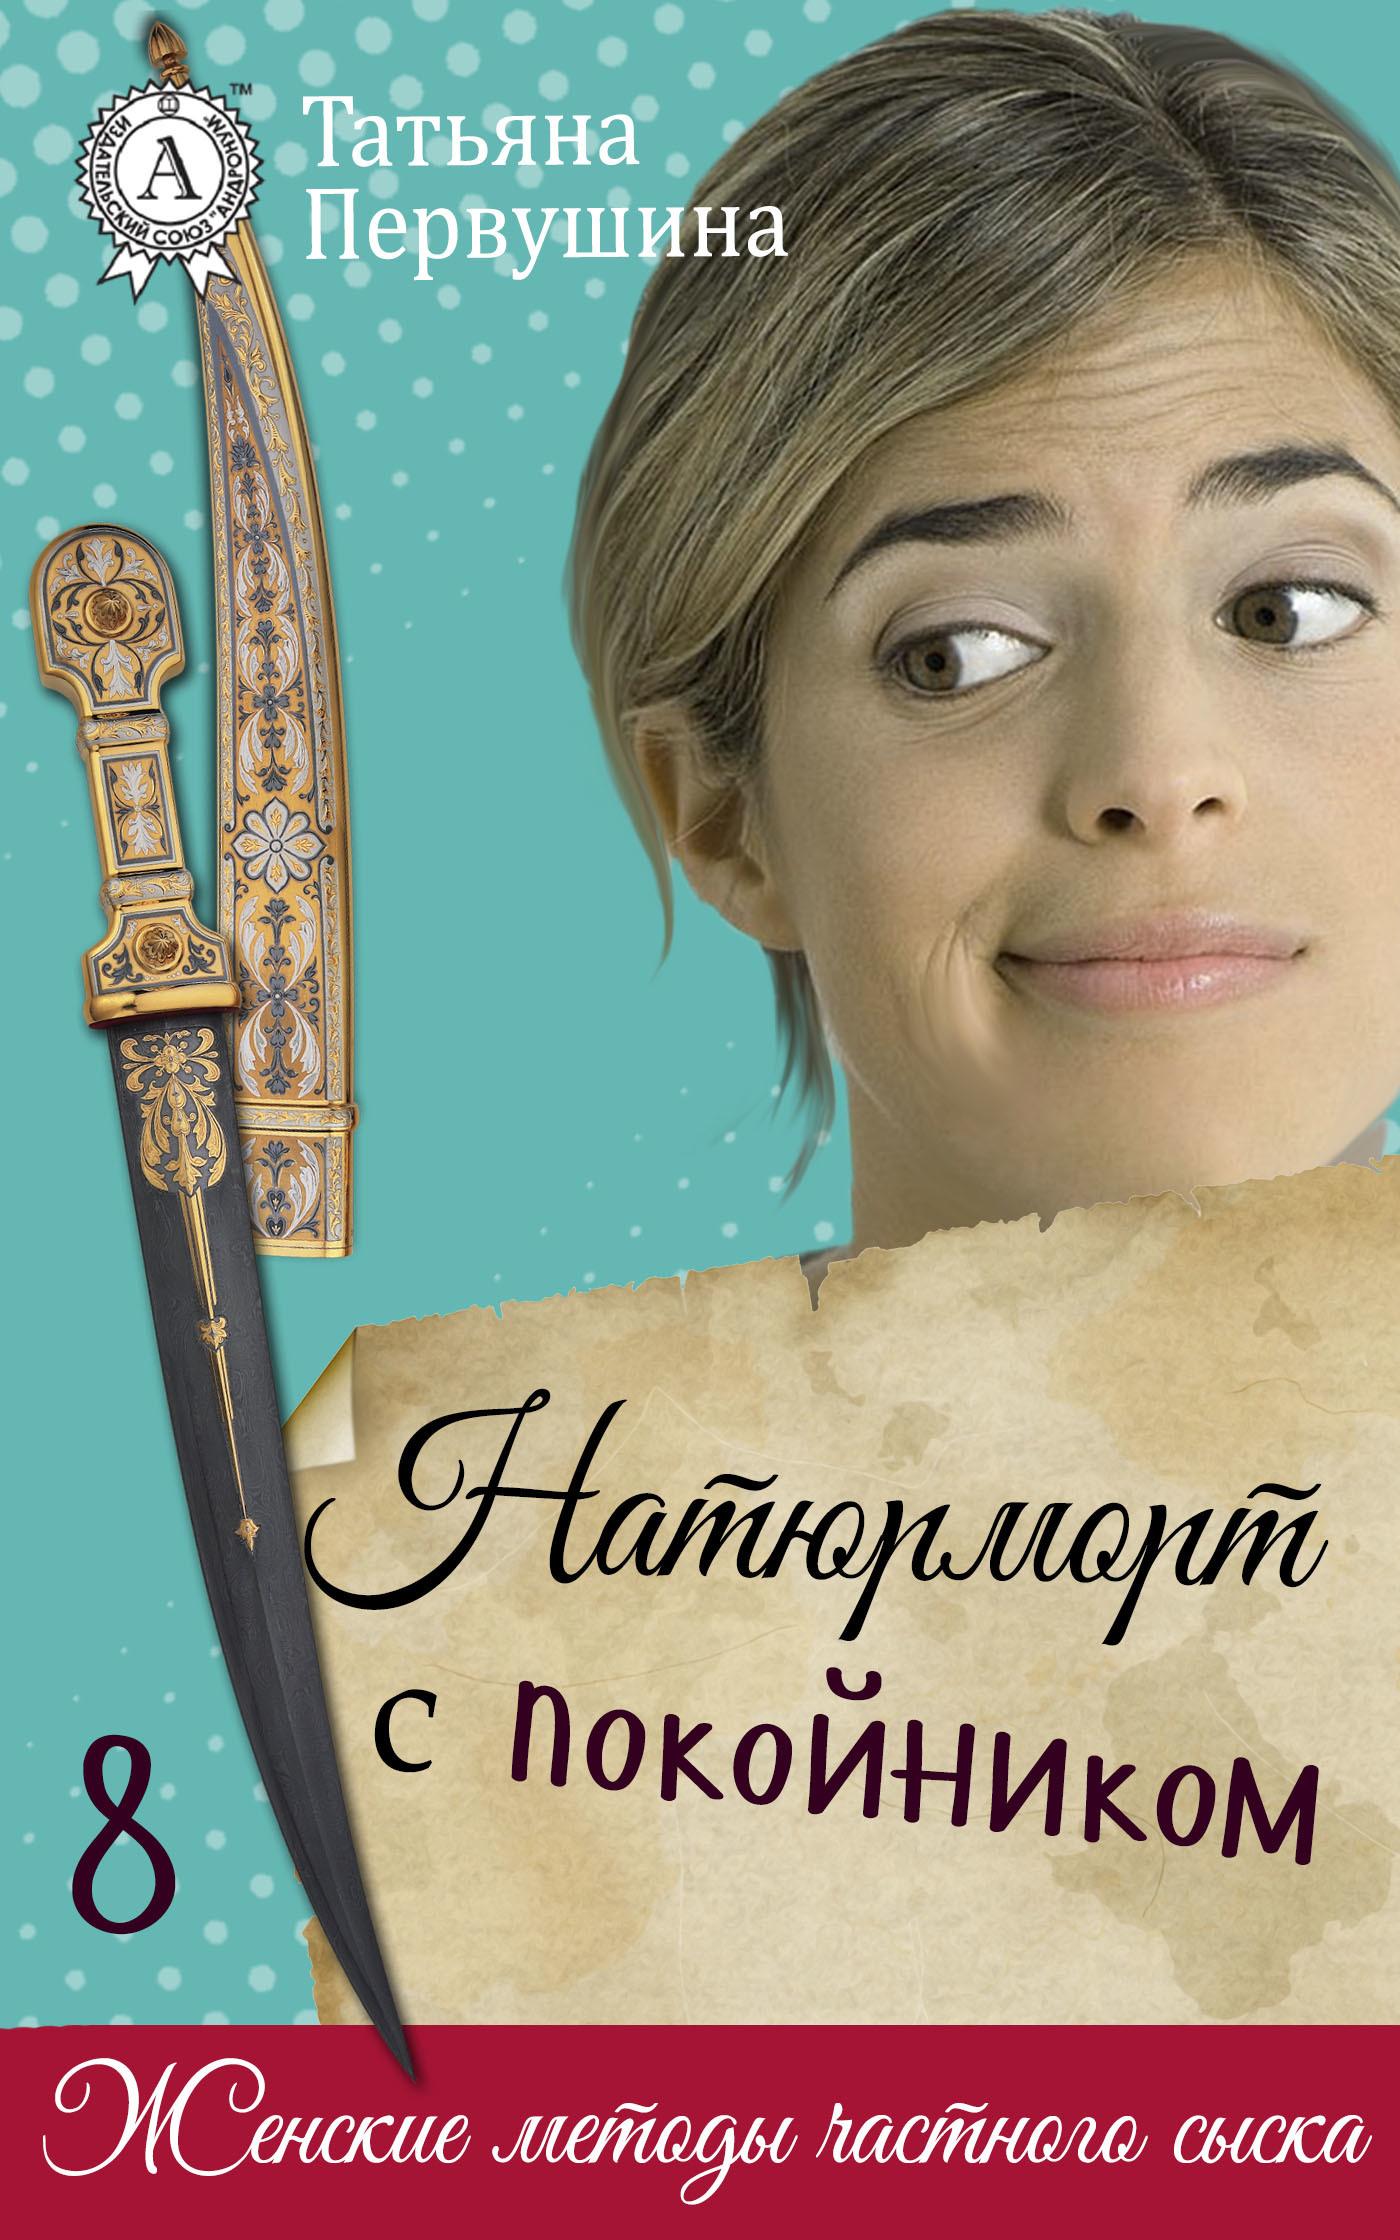 Татьяна Первушина бесплатно